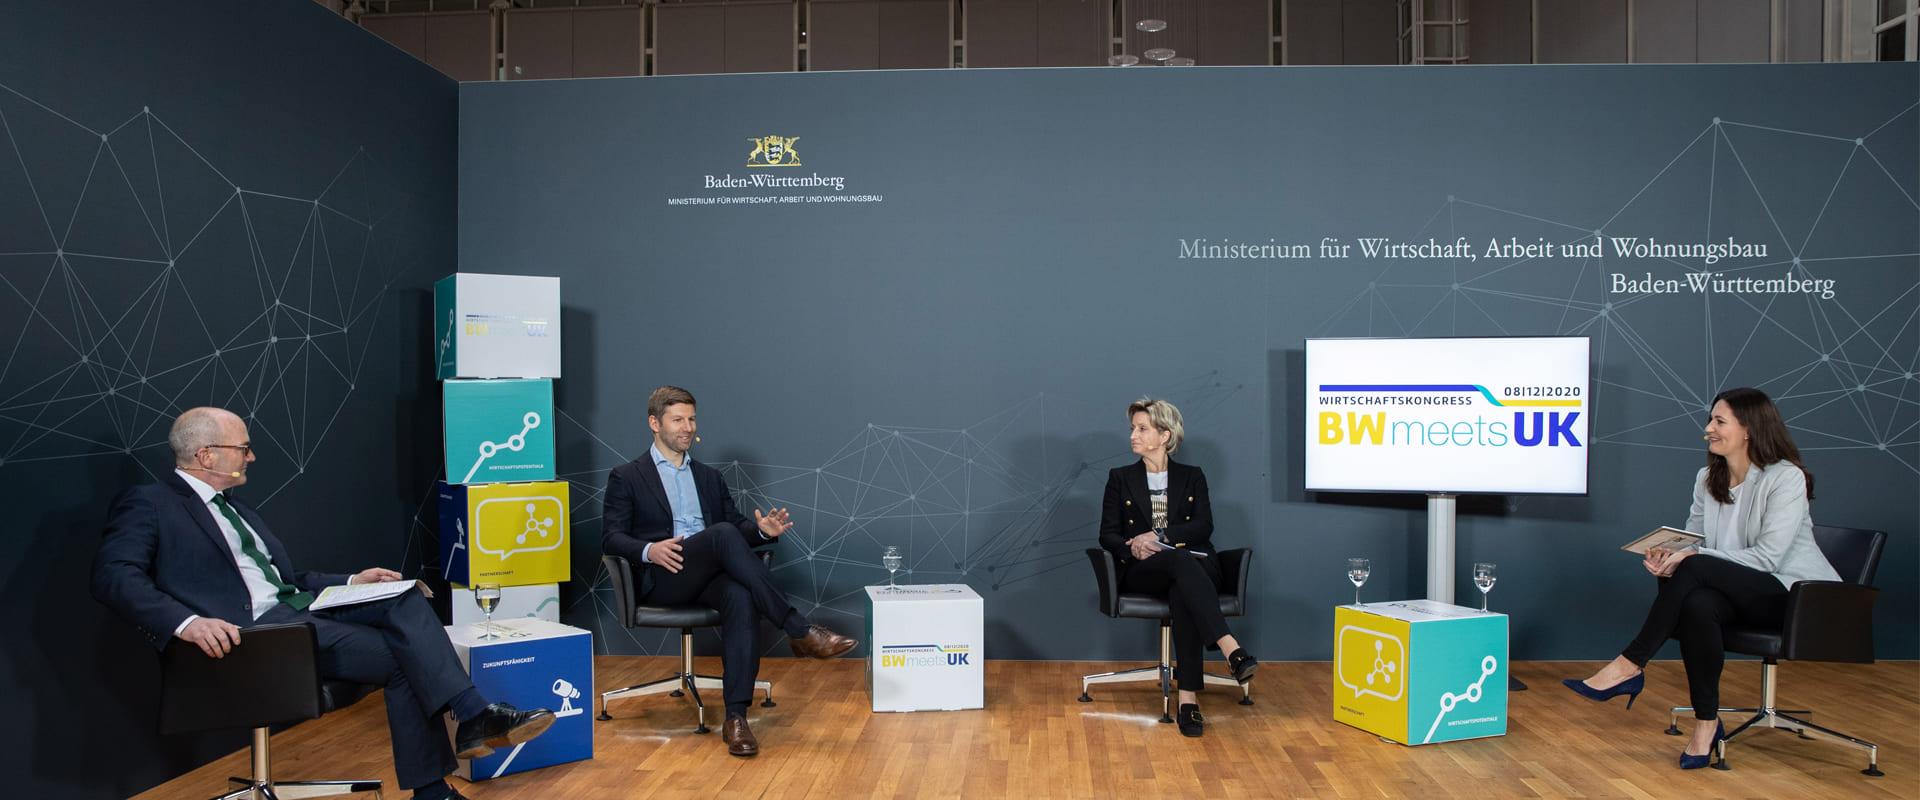 Livestream Wirtschaftskongress BWmeetsUK